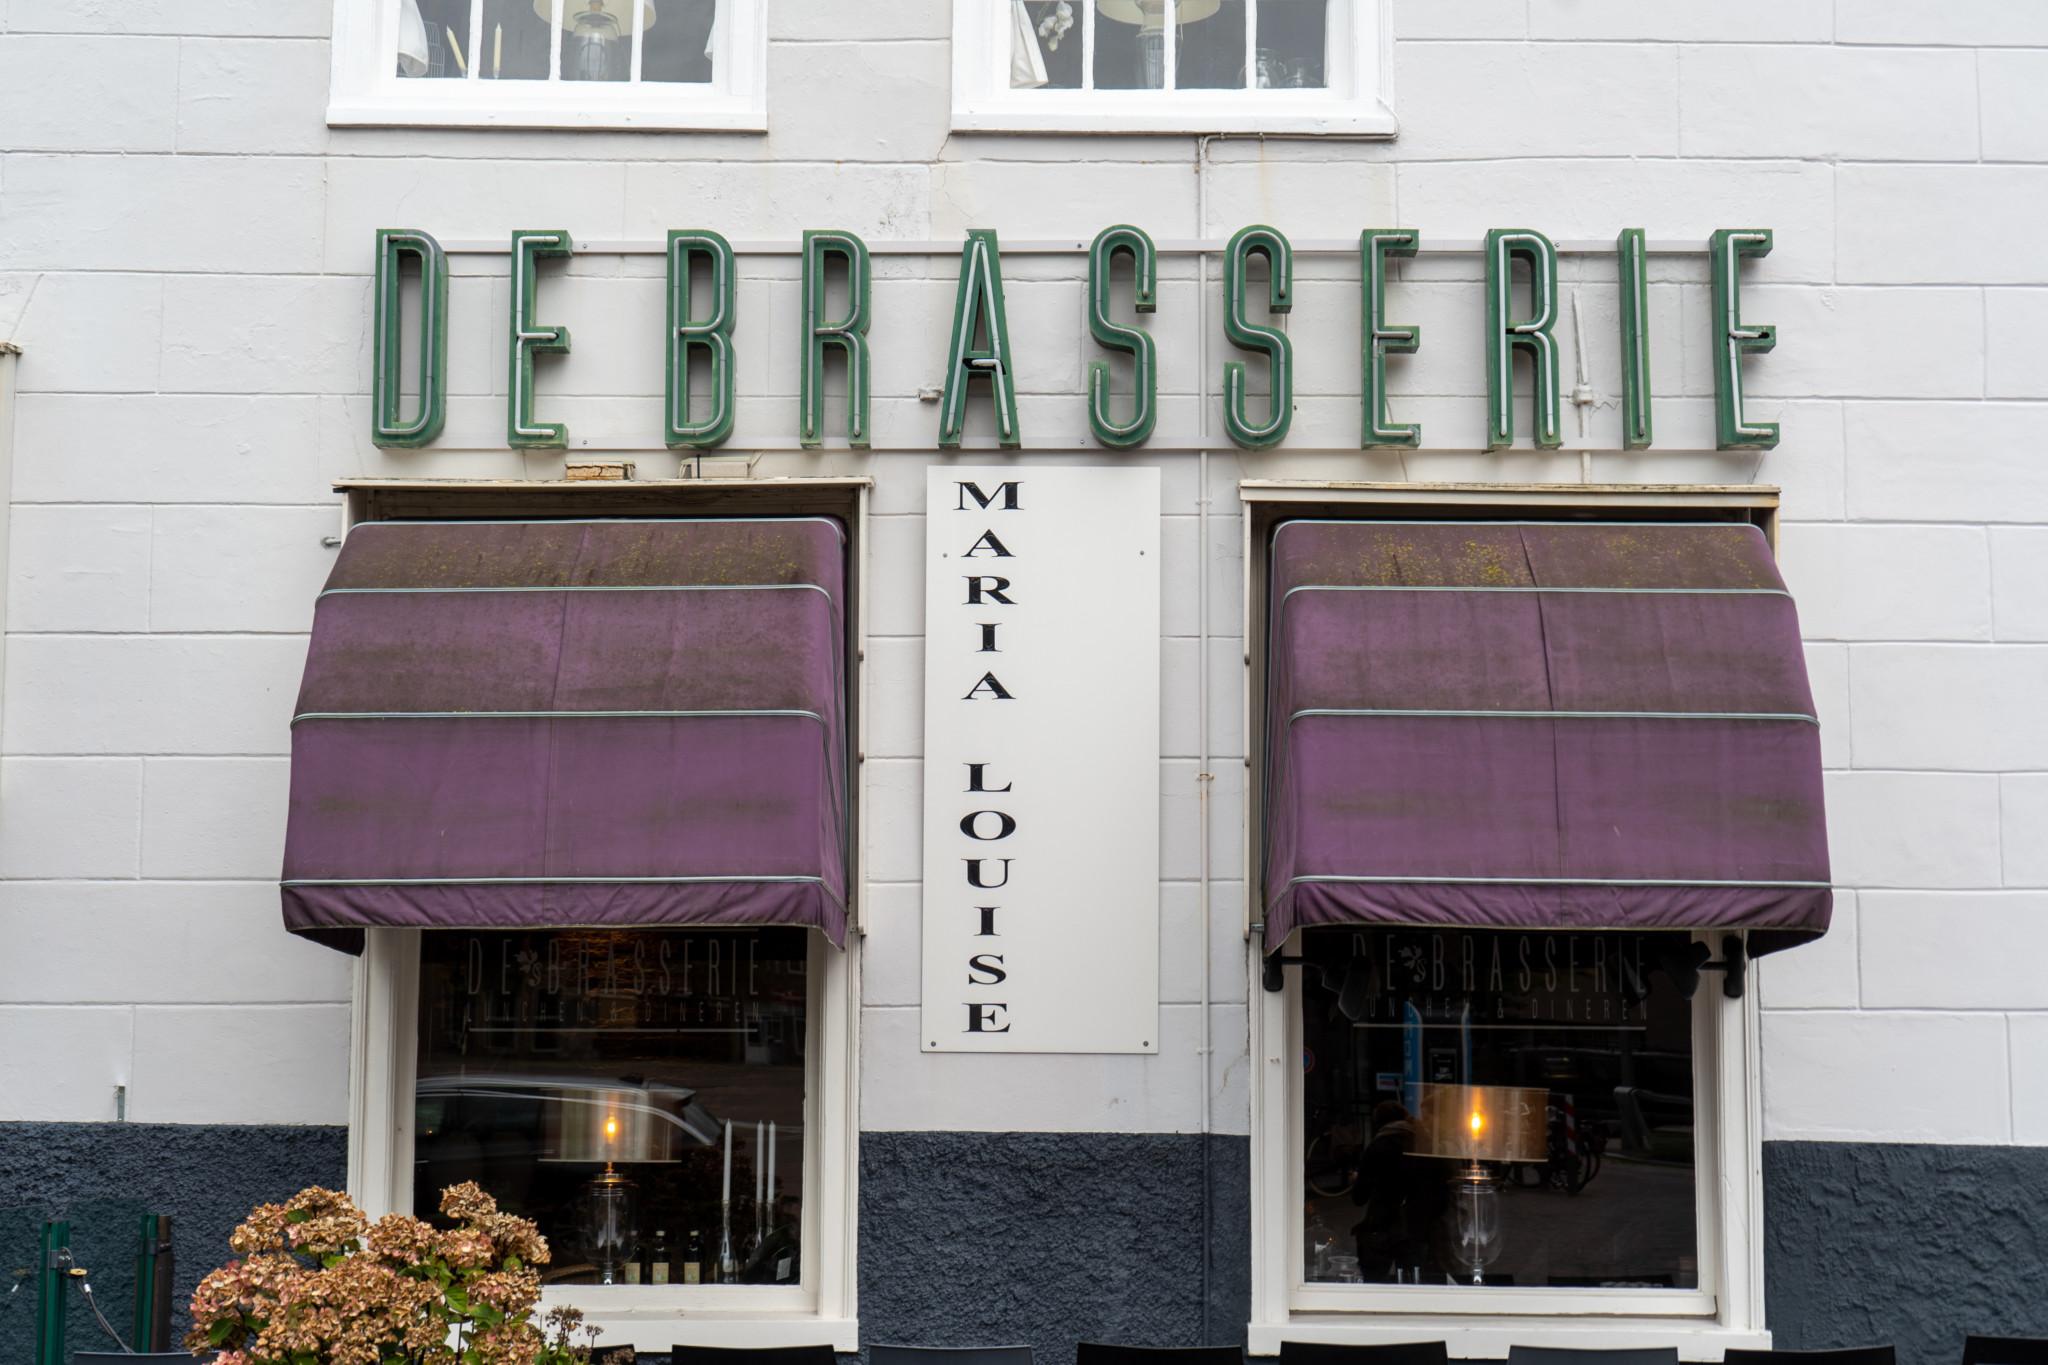 Schickes Restaurant in Leeuwarden